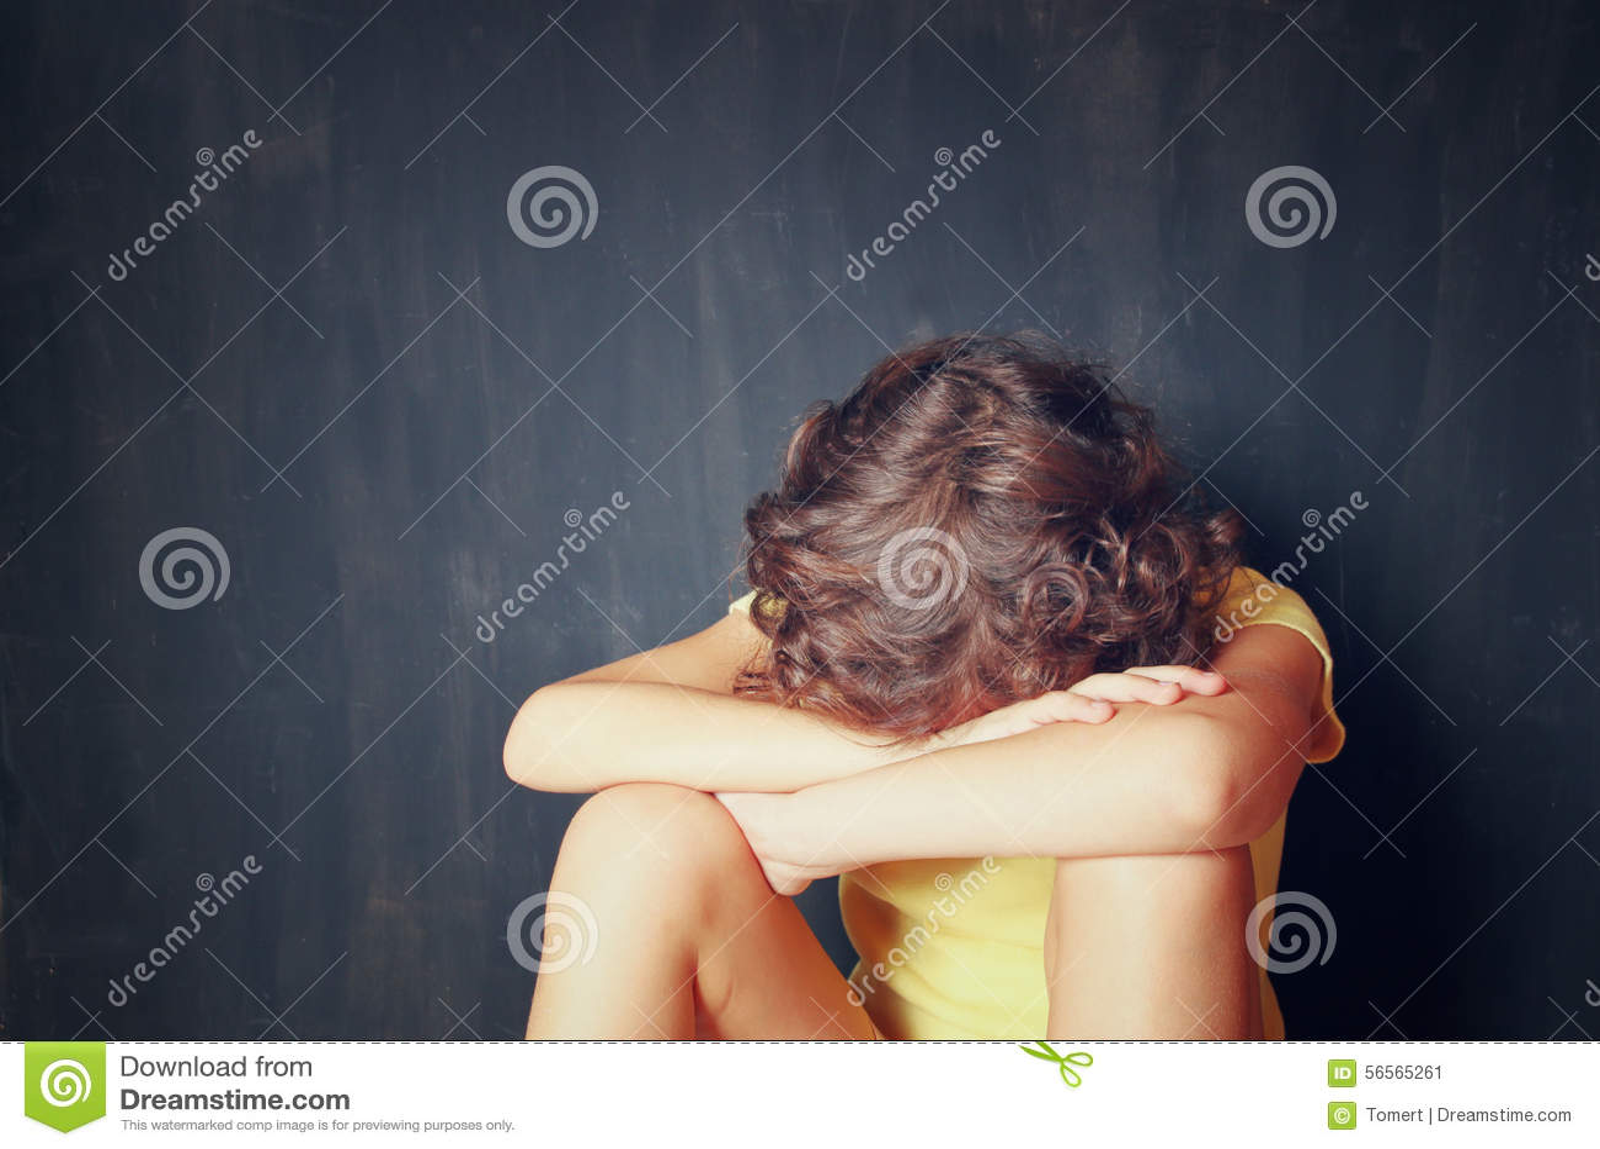 Download Συνεδρίαση παιδάκι και φοβισμένος με το πρόσωπό του που καλύπτεται μεταξύ των όπλων έννοια κατάχρησης παιδιού Στοκ Εικόνα - εικόνα από καταθλιπτικός, κτύπημα: 56565261